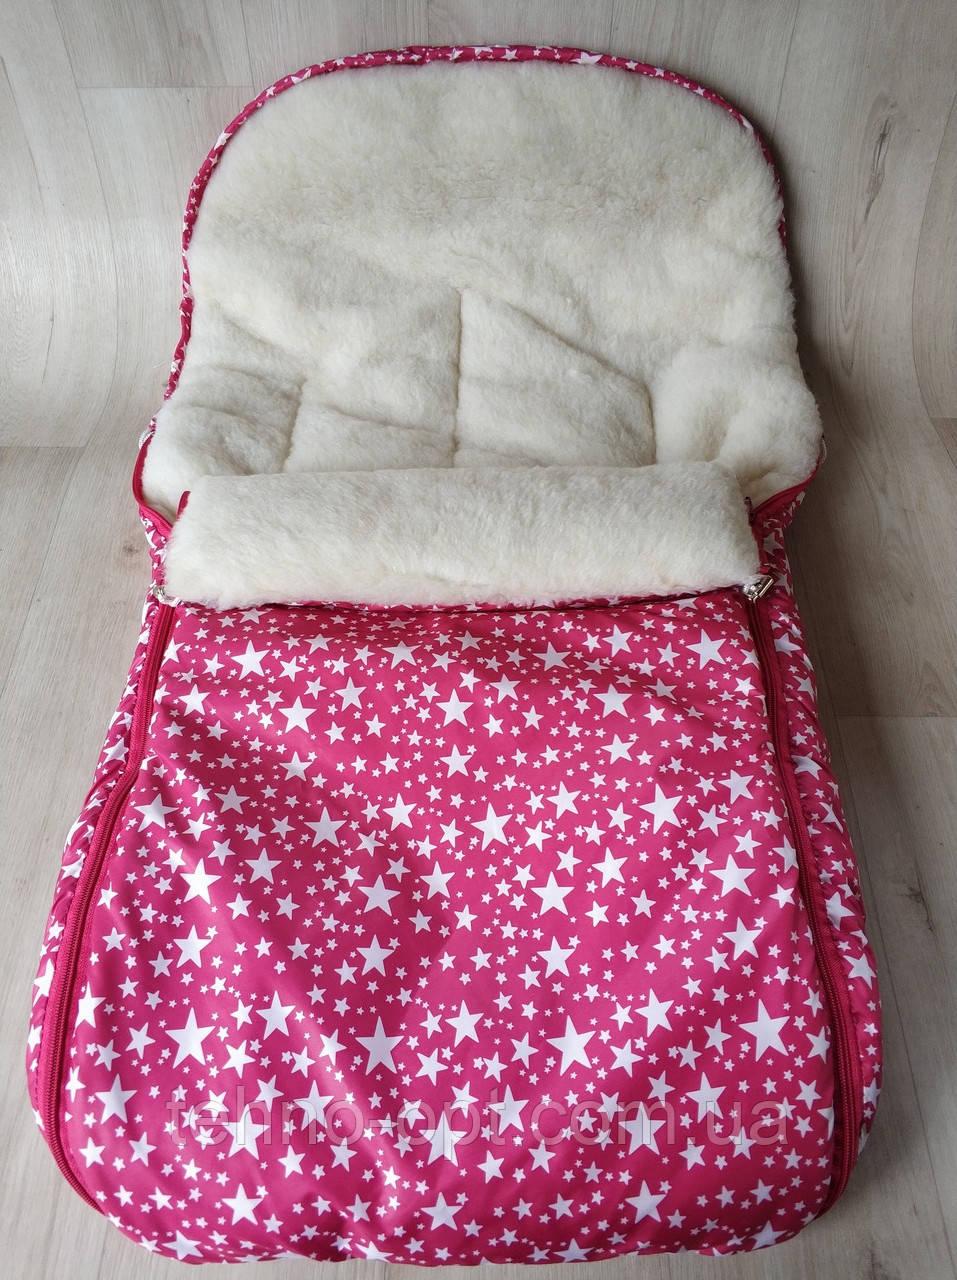 Конверт детский чехол на овчине меху зимний универсальный  в коляску (санки) 4 в 1 розовая мелкая звезда